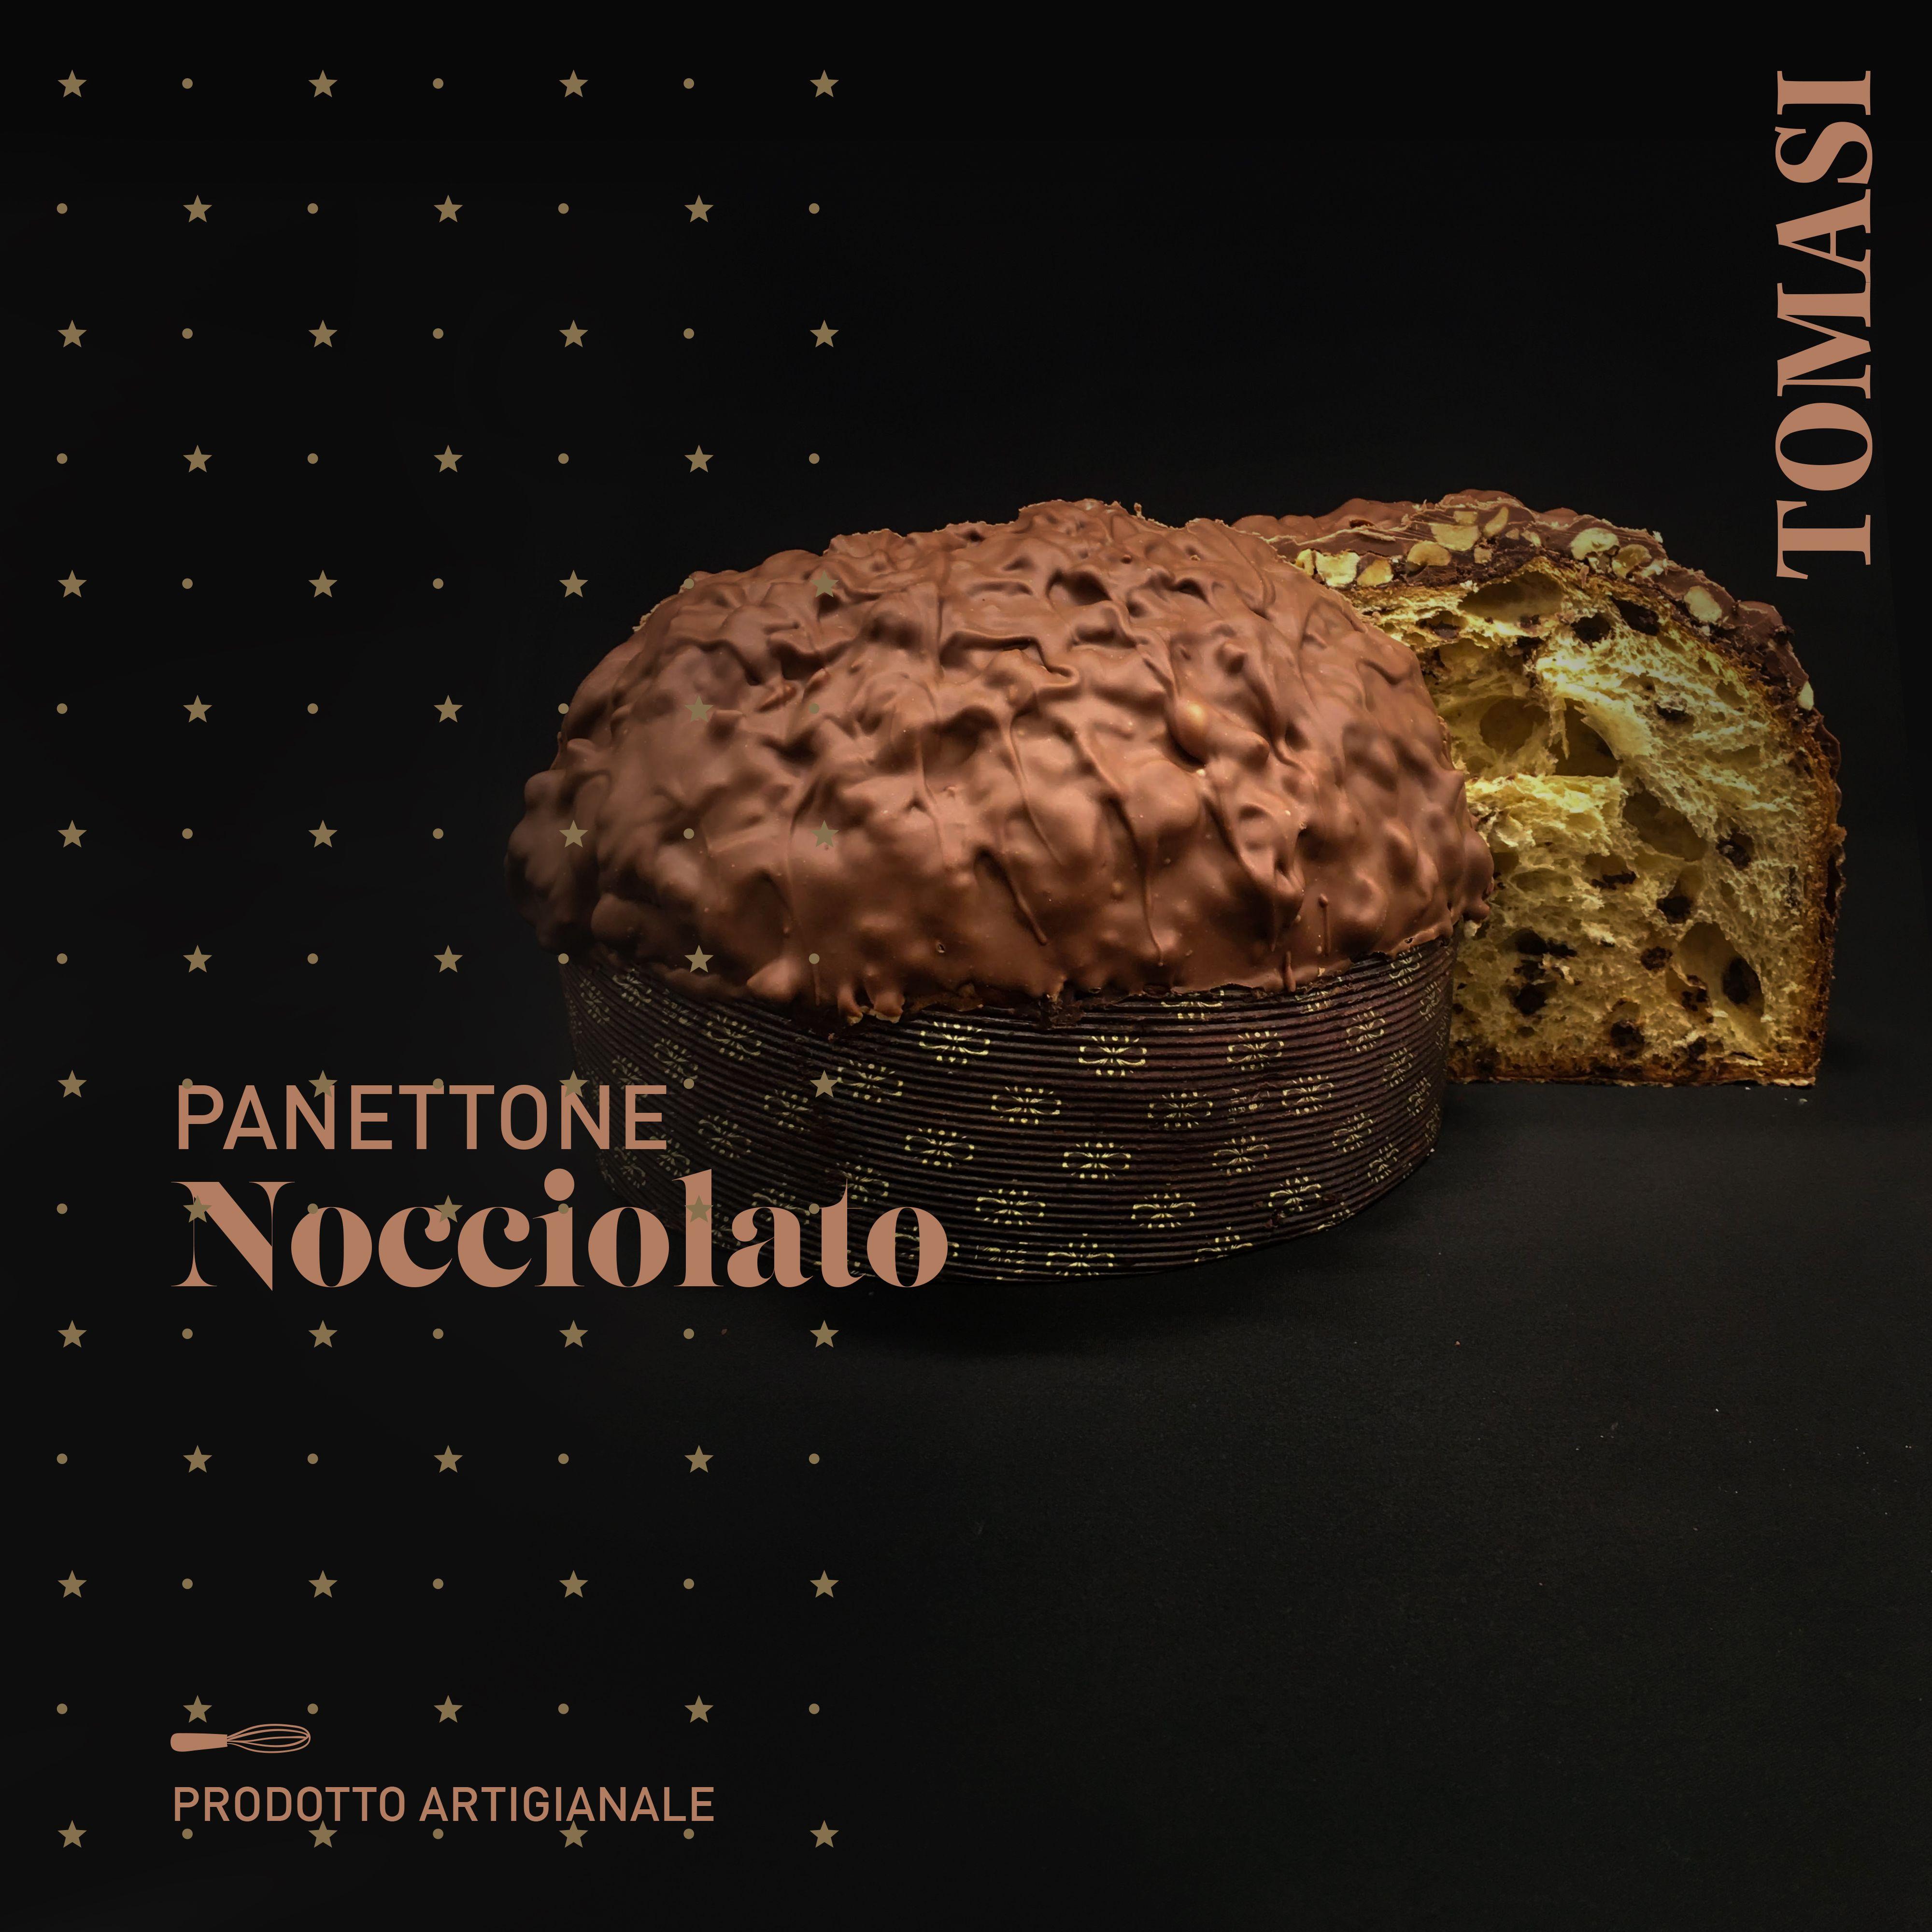 Panettone Nocciolato